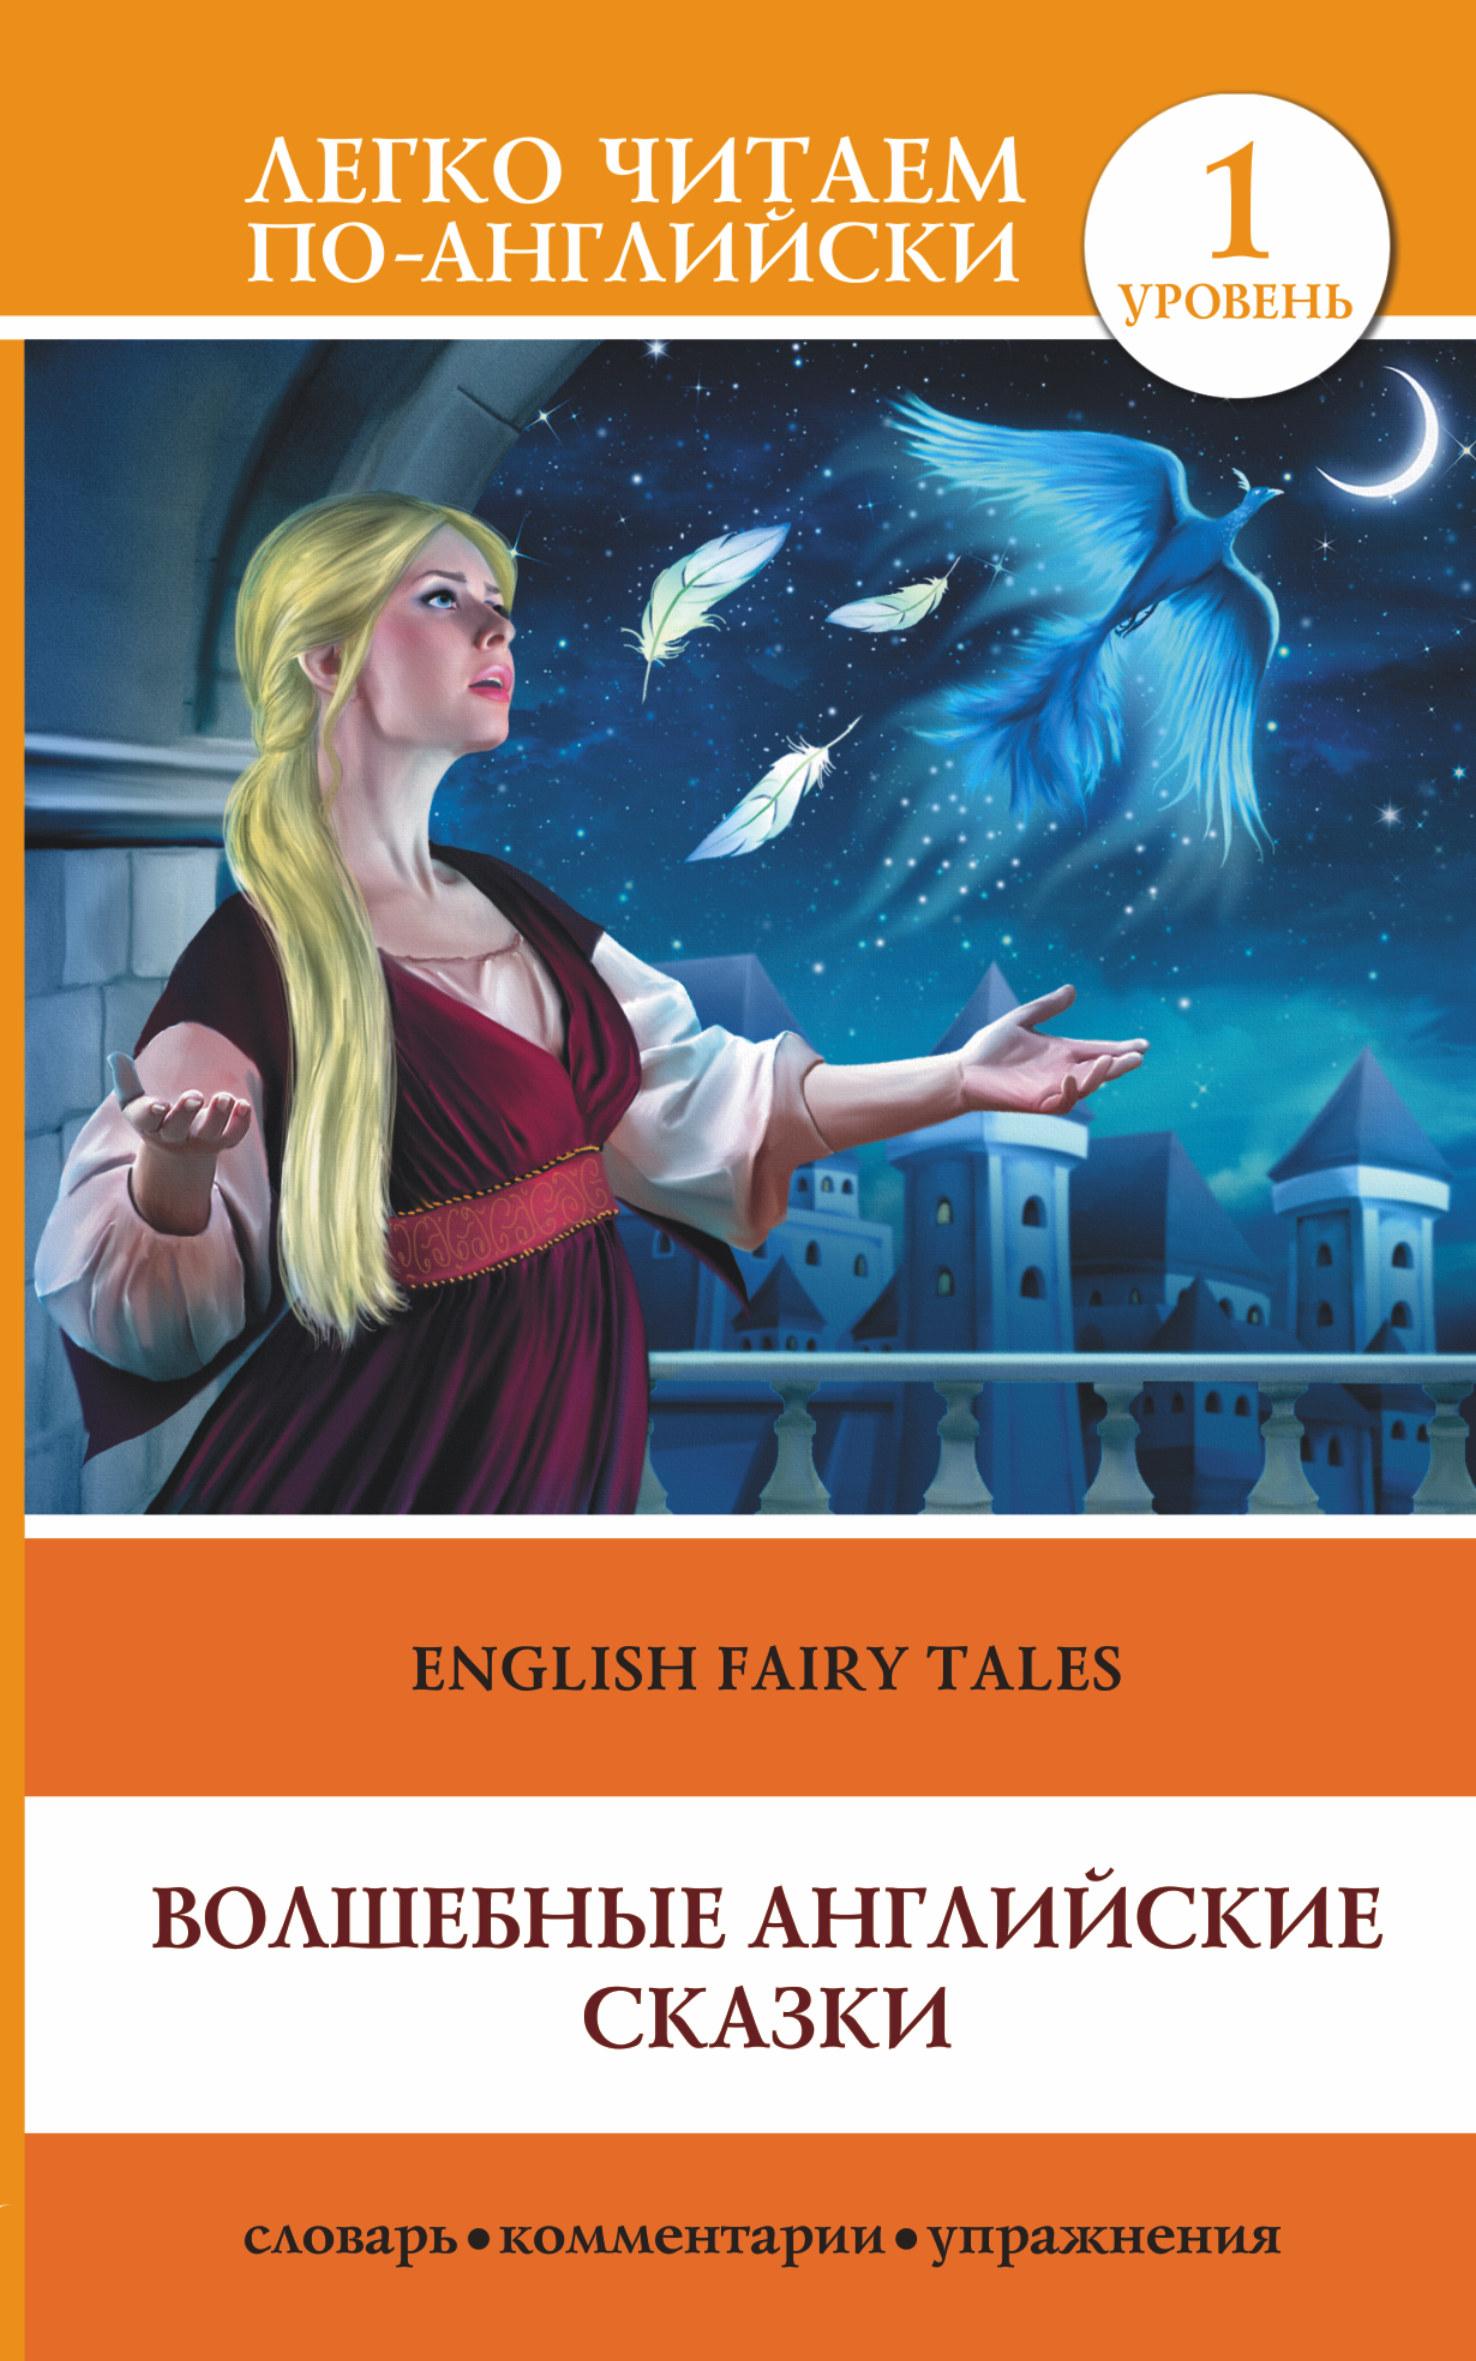 . Волшебные английские сказки = English Fairy Tales